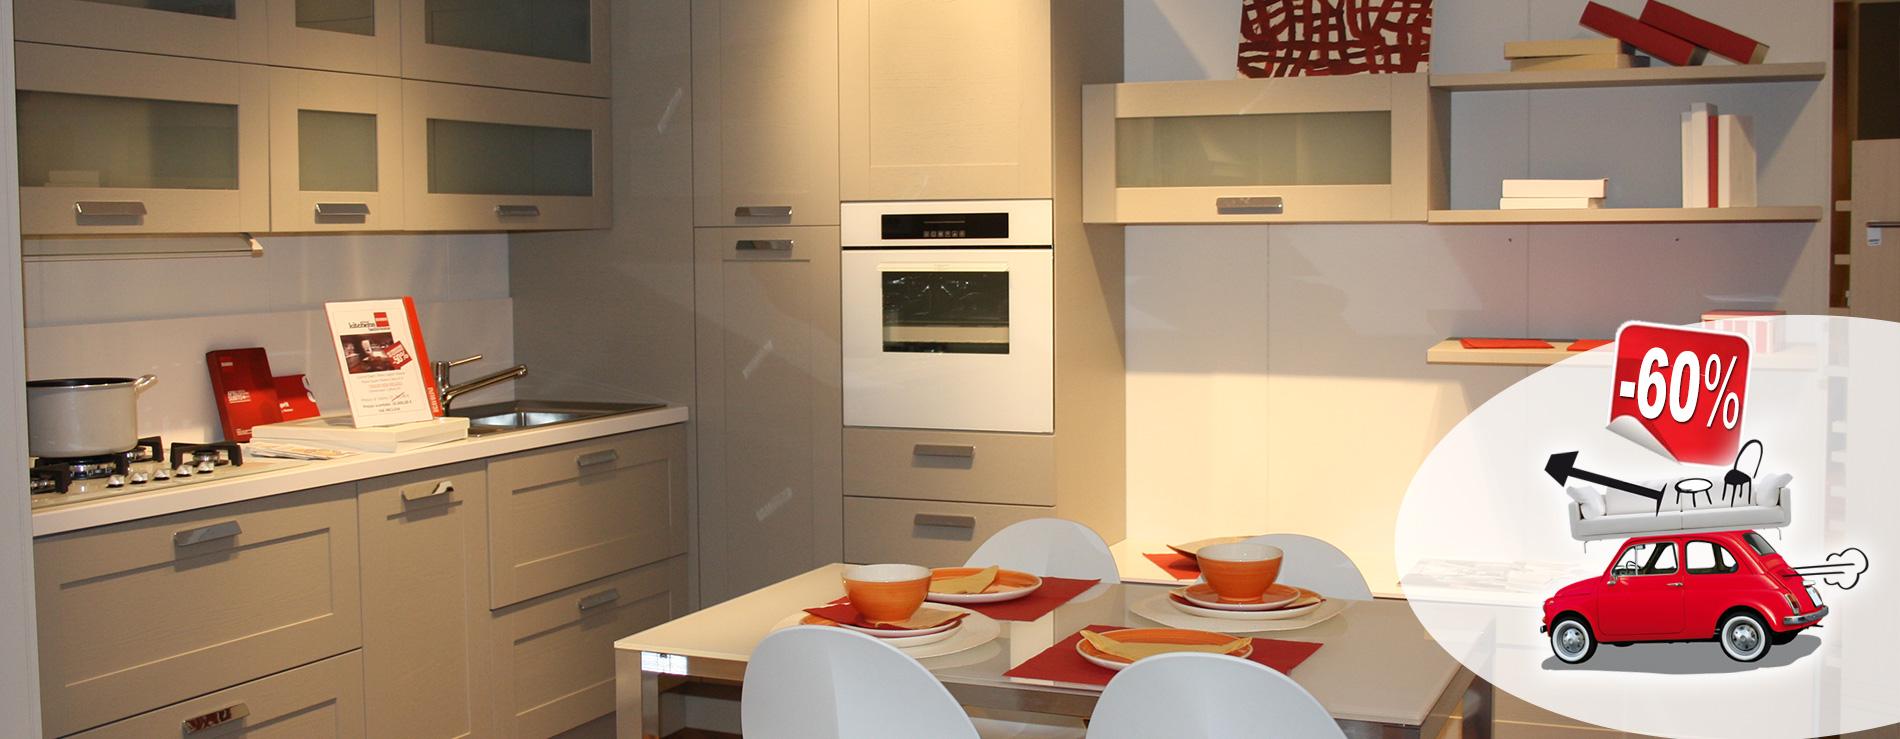 Cucina Open Scavolini in promozione al 55%